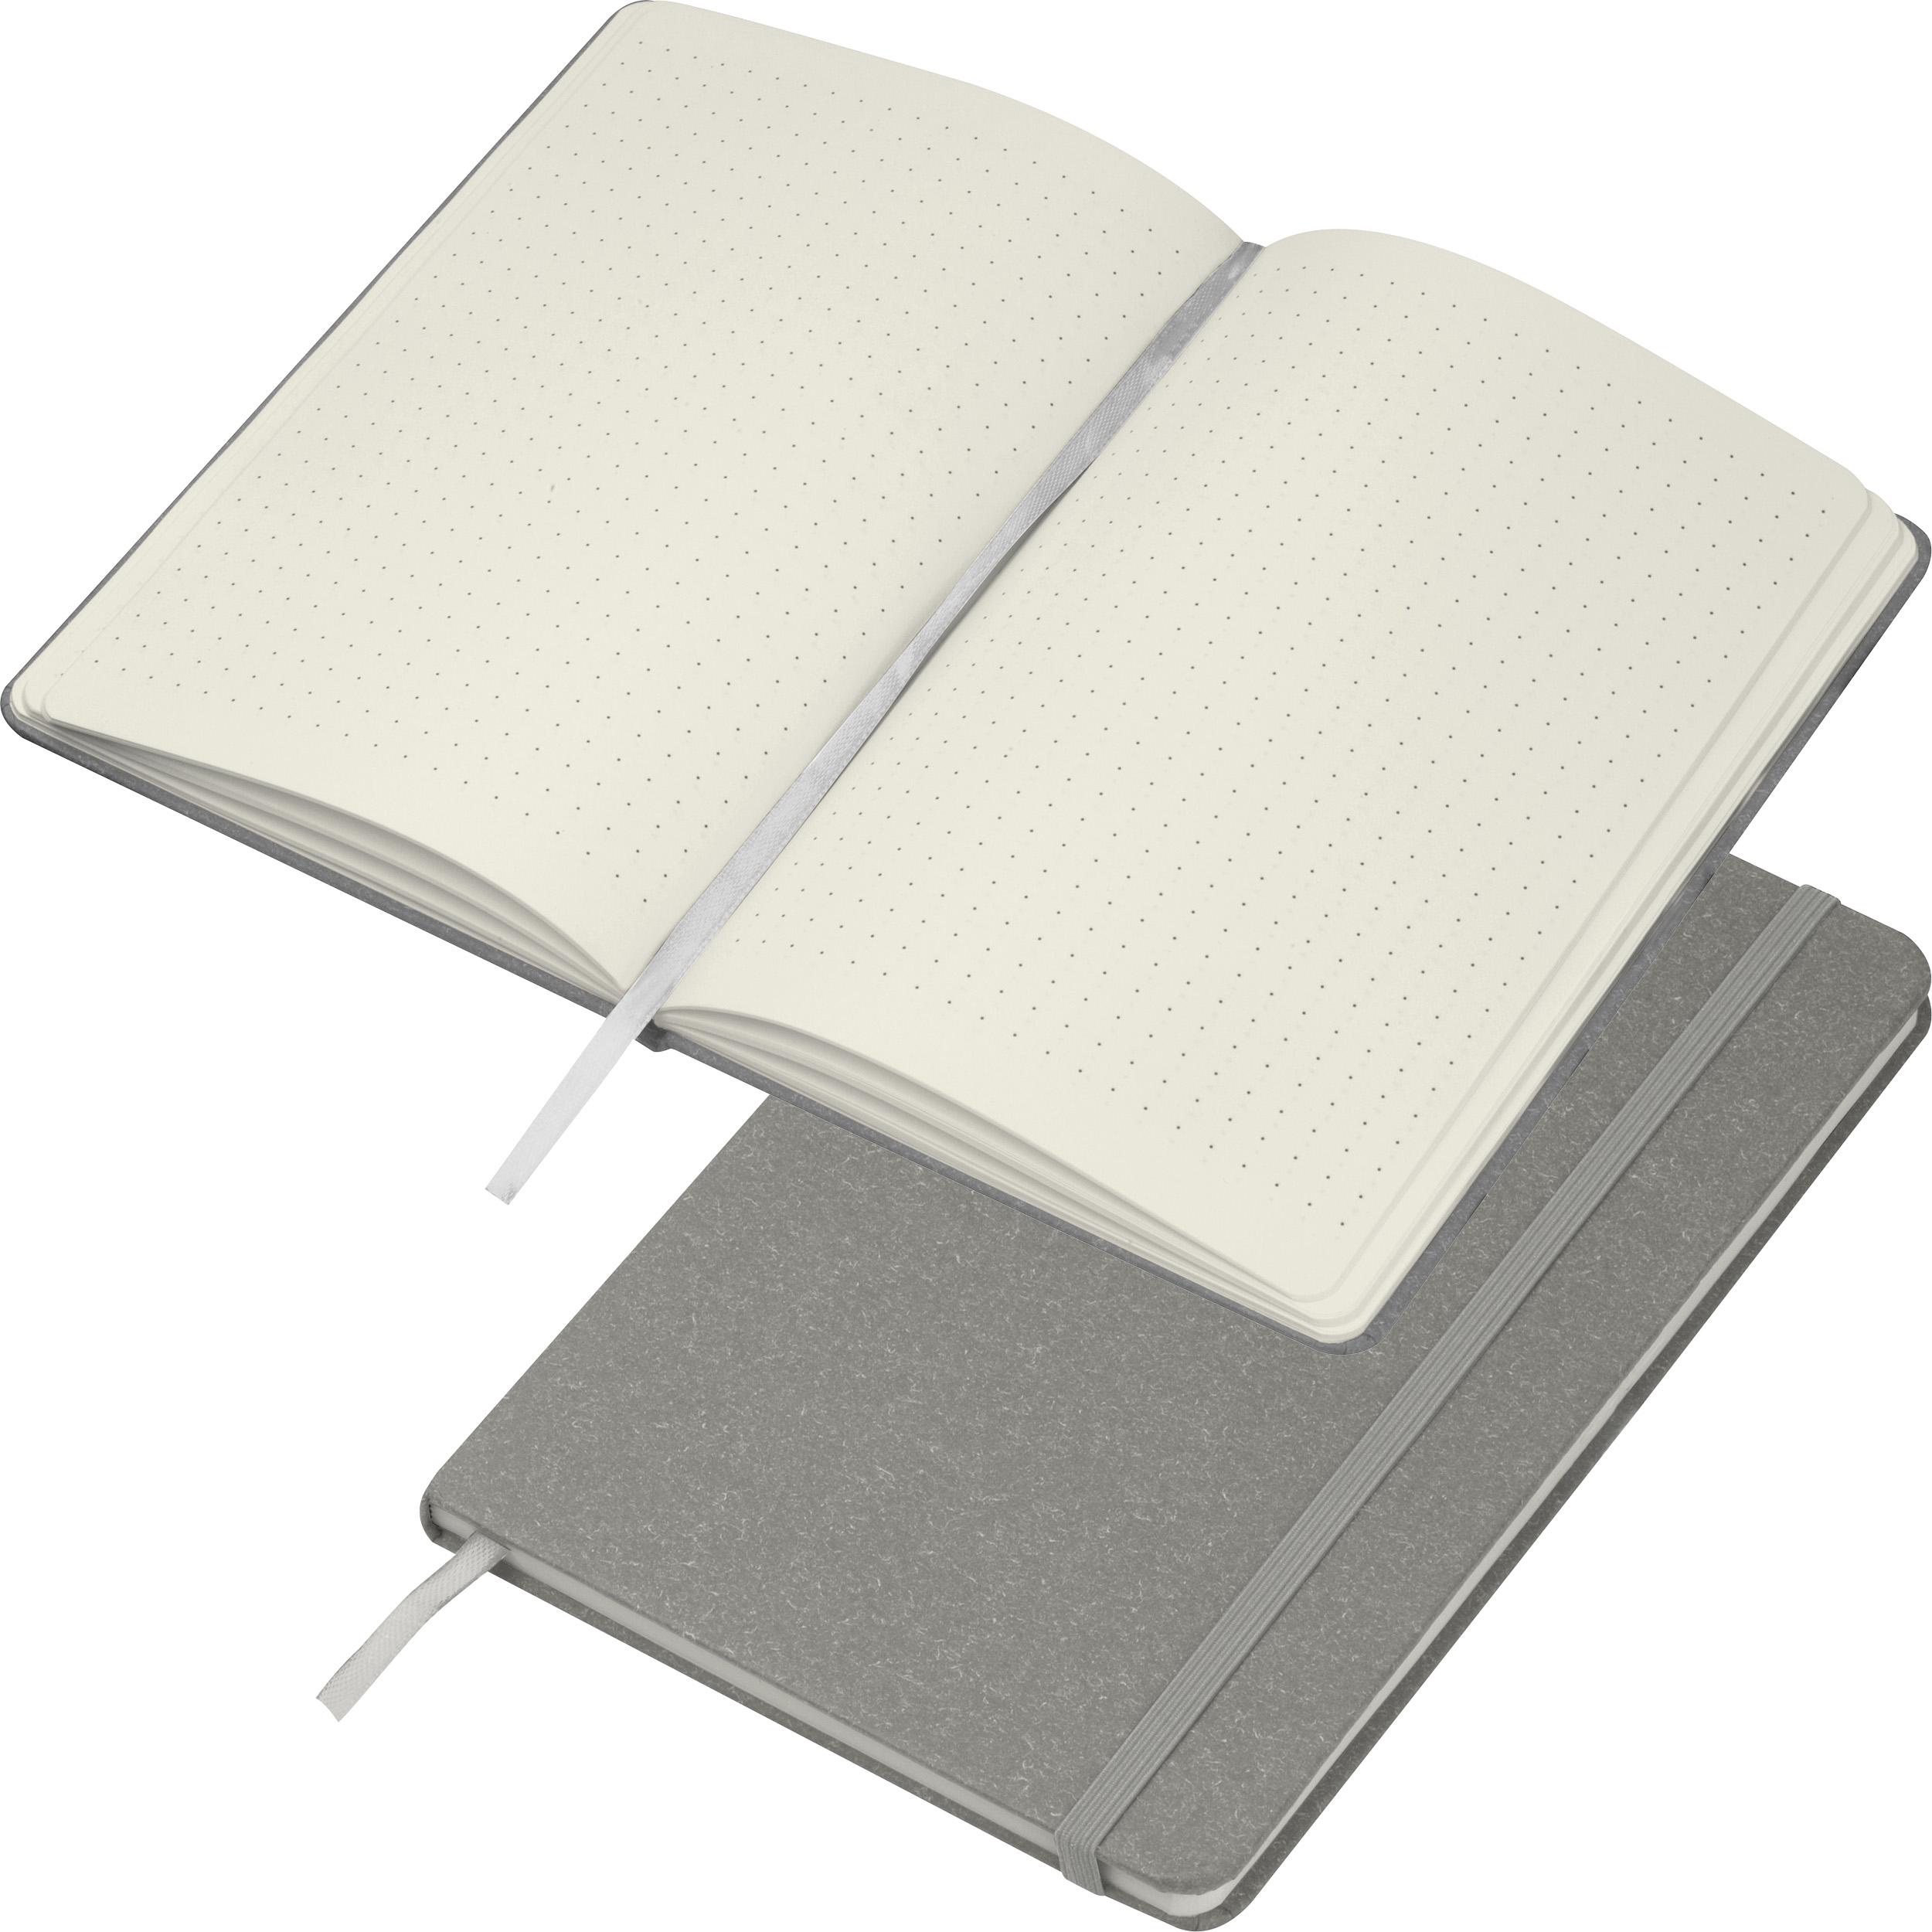 Carnet de notes A5 avec marque-page en carton, boucle de stylo à bille et fermeture à élastique